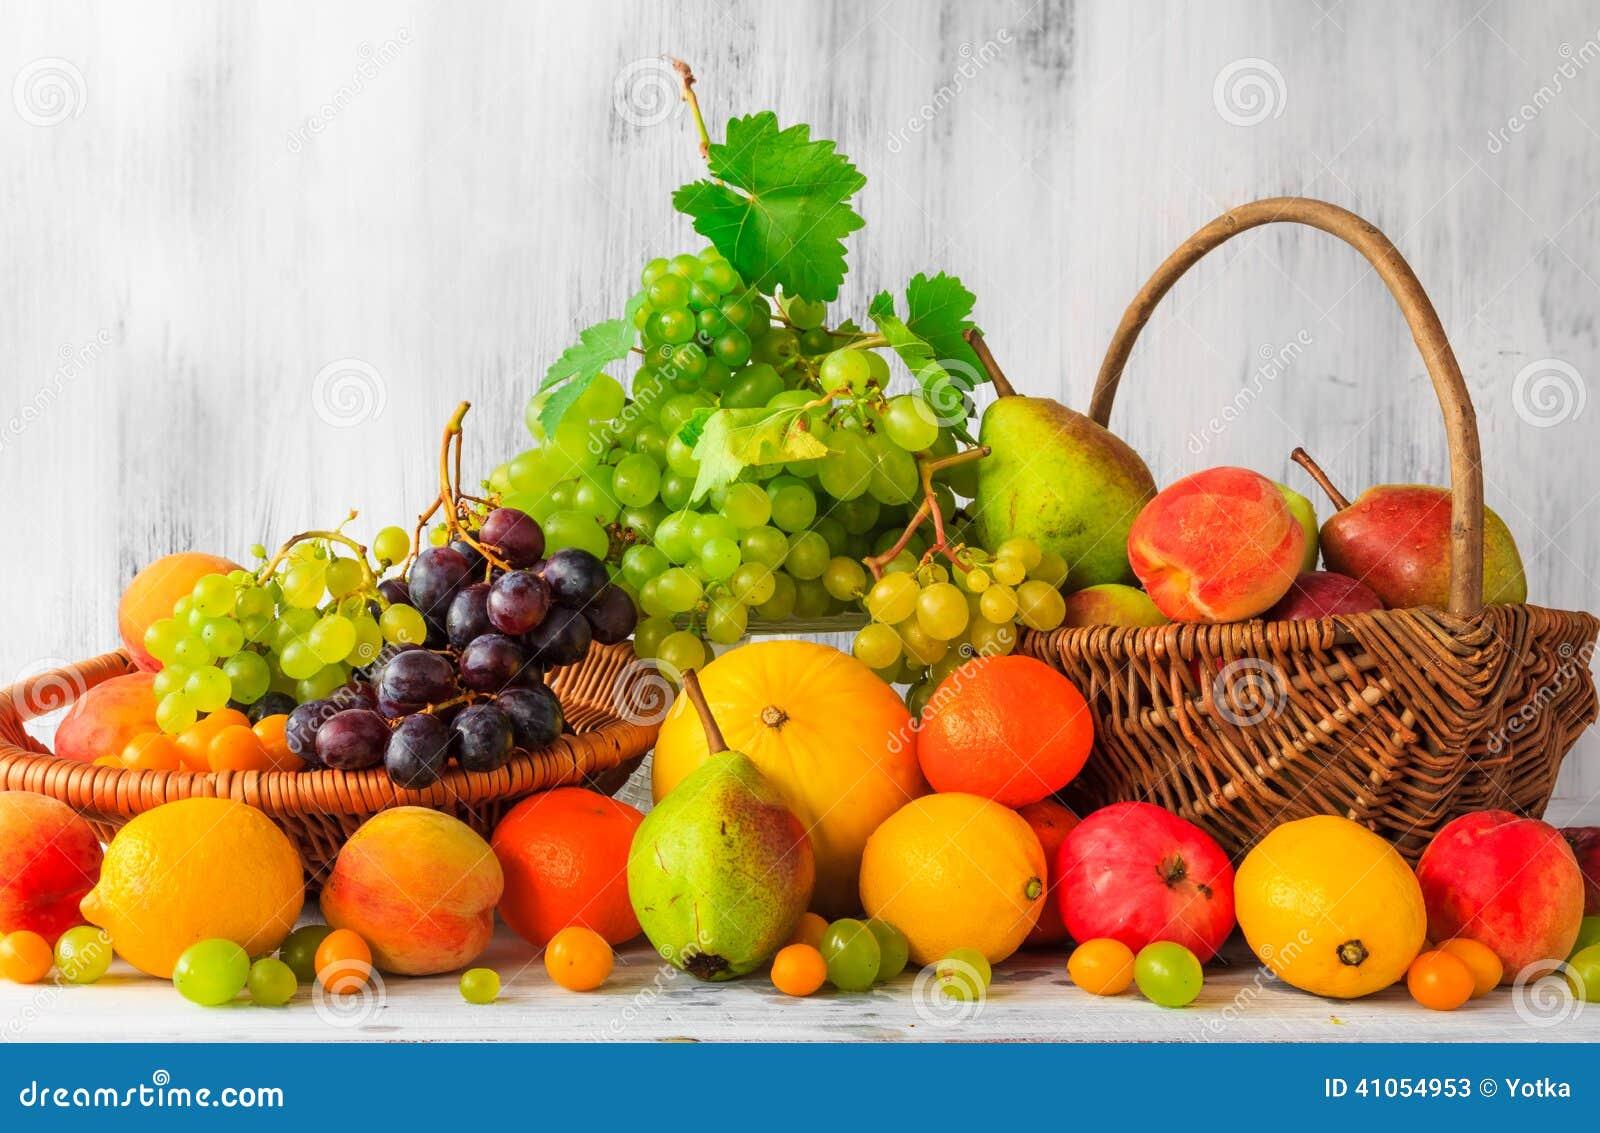 Foodesign Fresh Fruit Basket: Wooden Table Full Fresh Fruit Baskets Stock Image